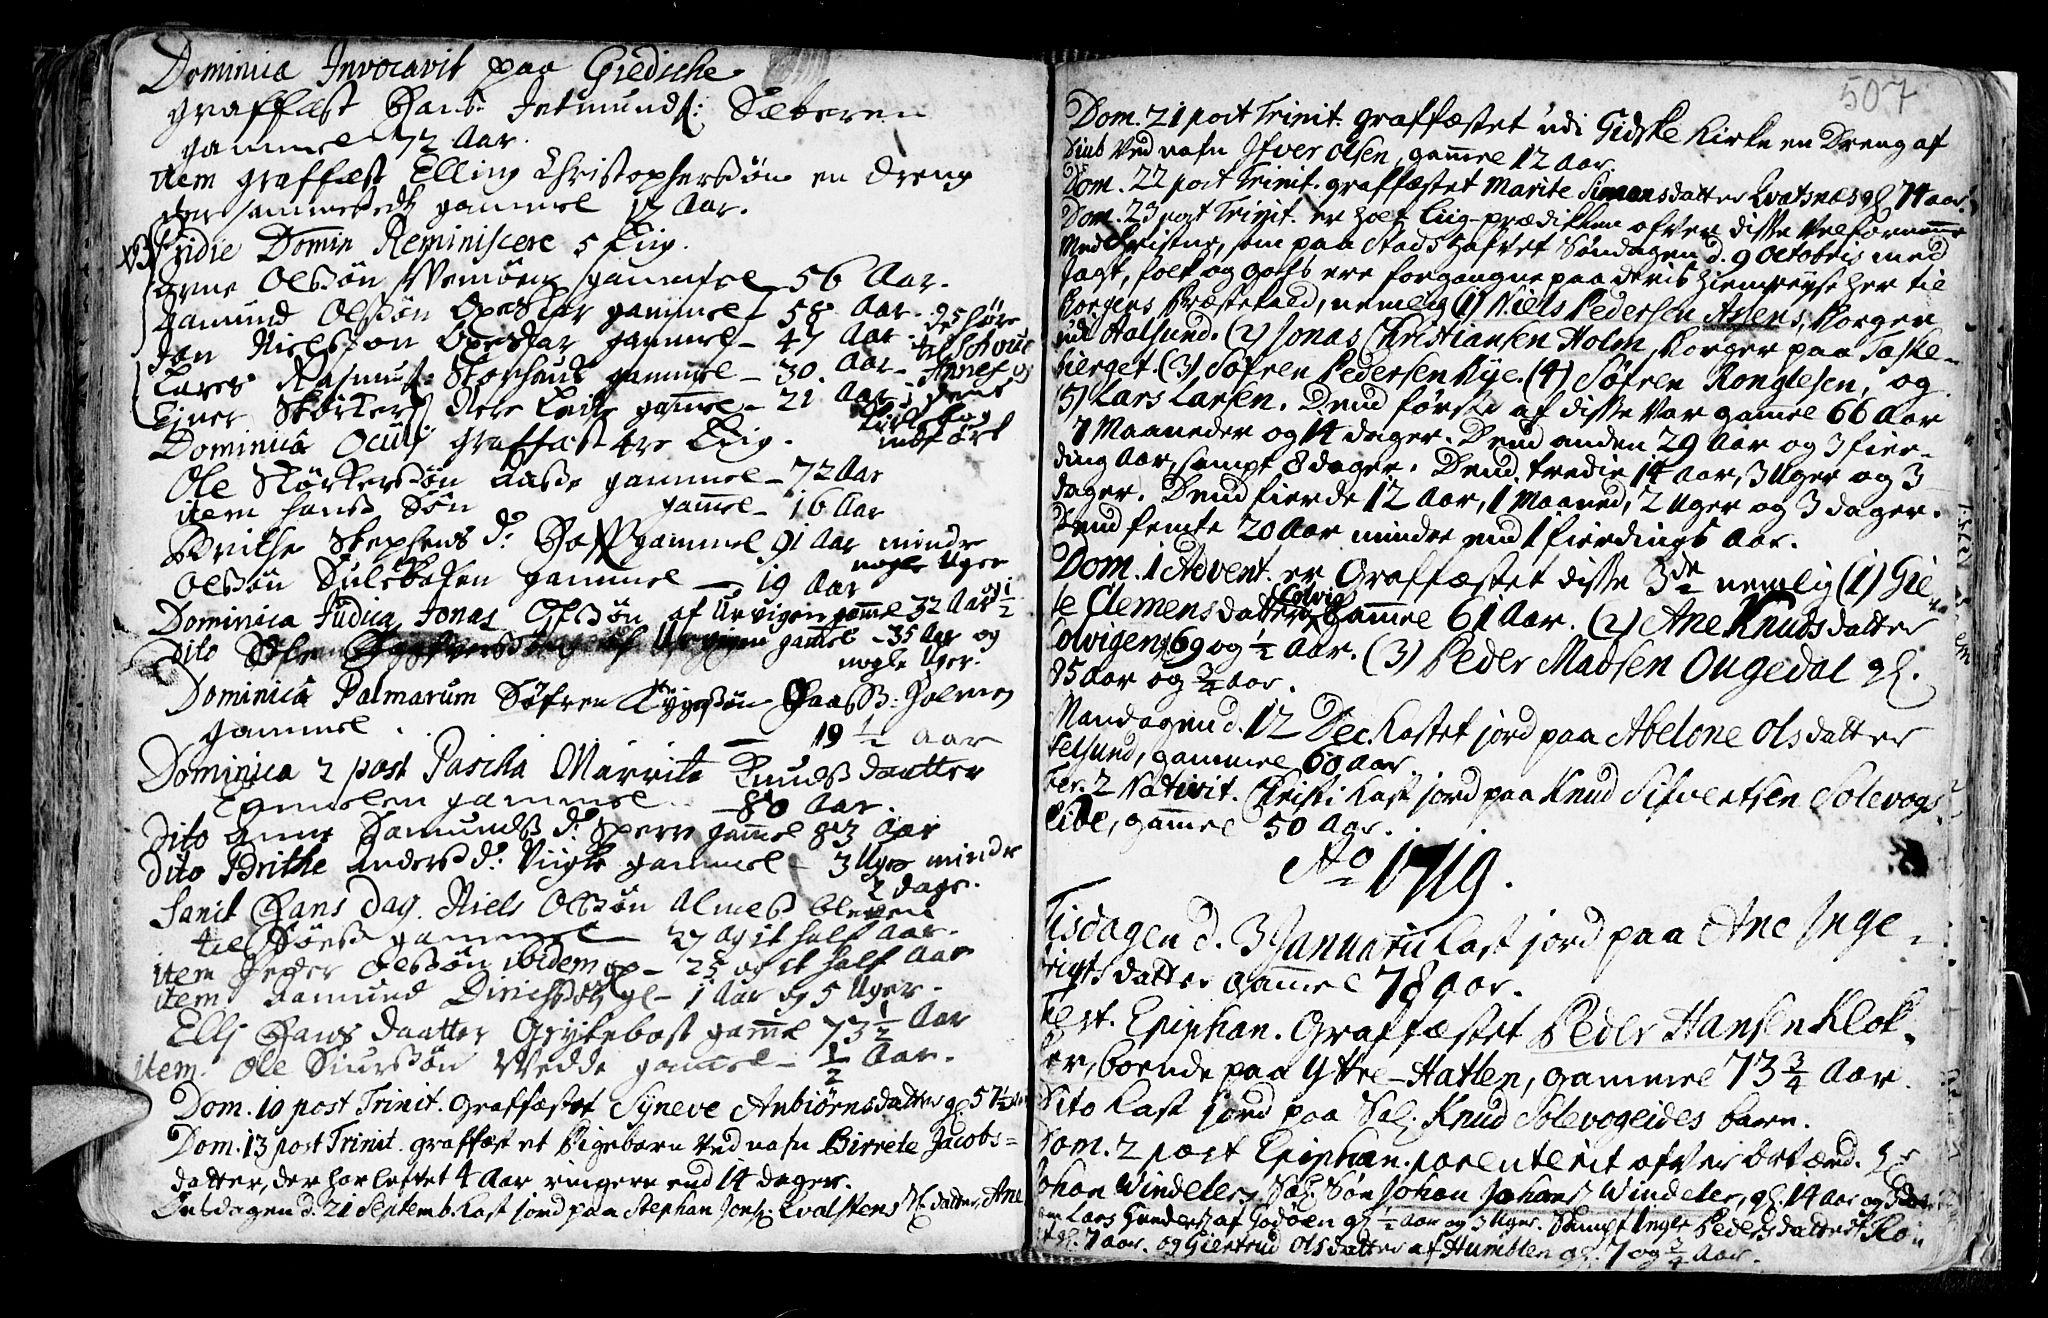 SAT, Ministerialprotokoller, klokkerbøker og fødselsregistre - Møre og Romsdal, 528/L0390: Ministerialbok nr. 528A01, 1698-1739, s. 506-507